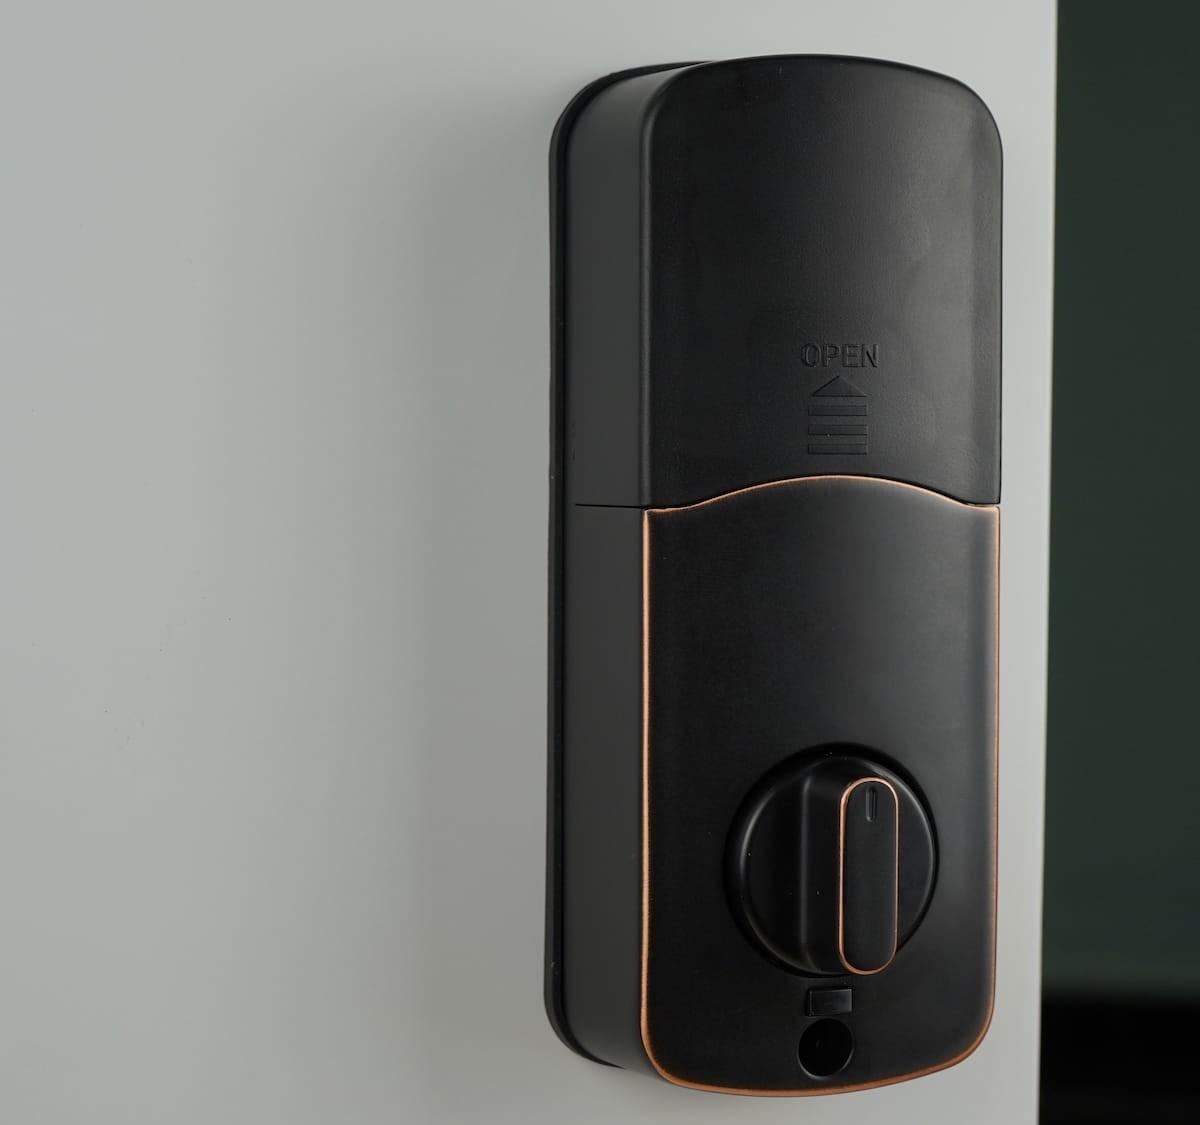 Smonet Keyless Smart Door Lock stores up to 500 different passcodes